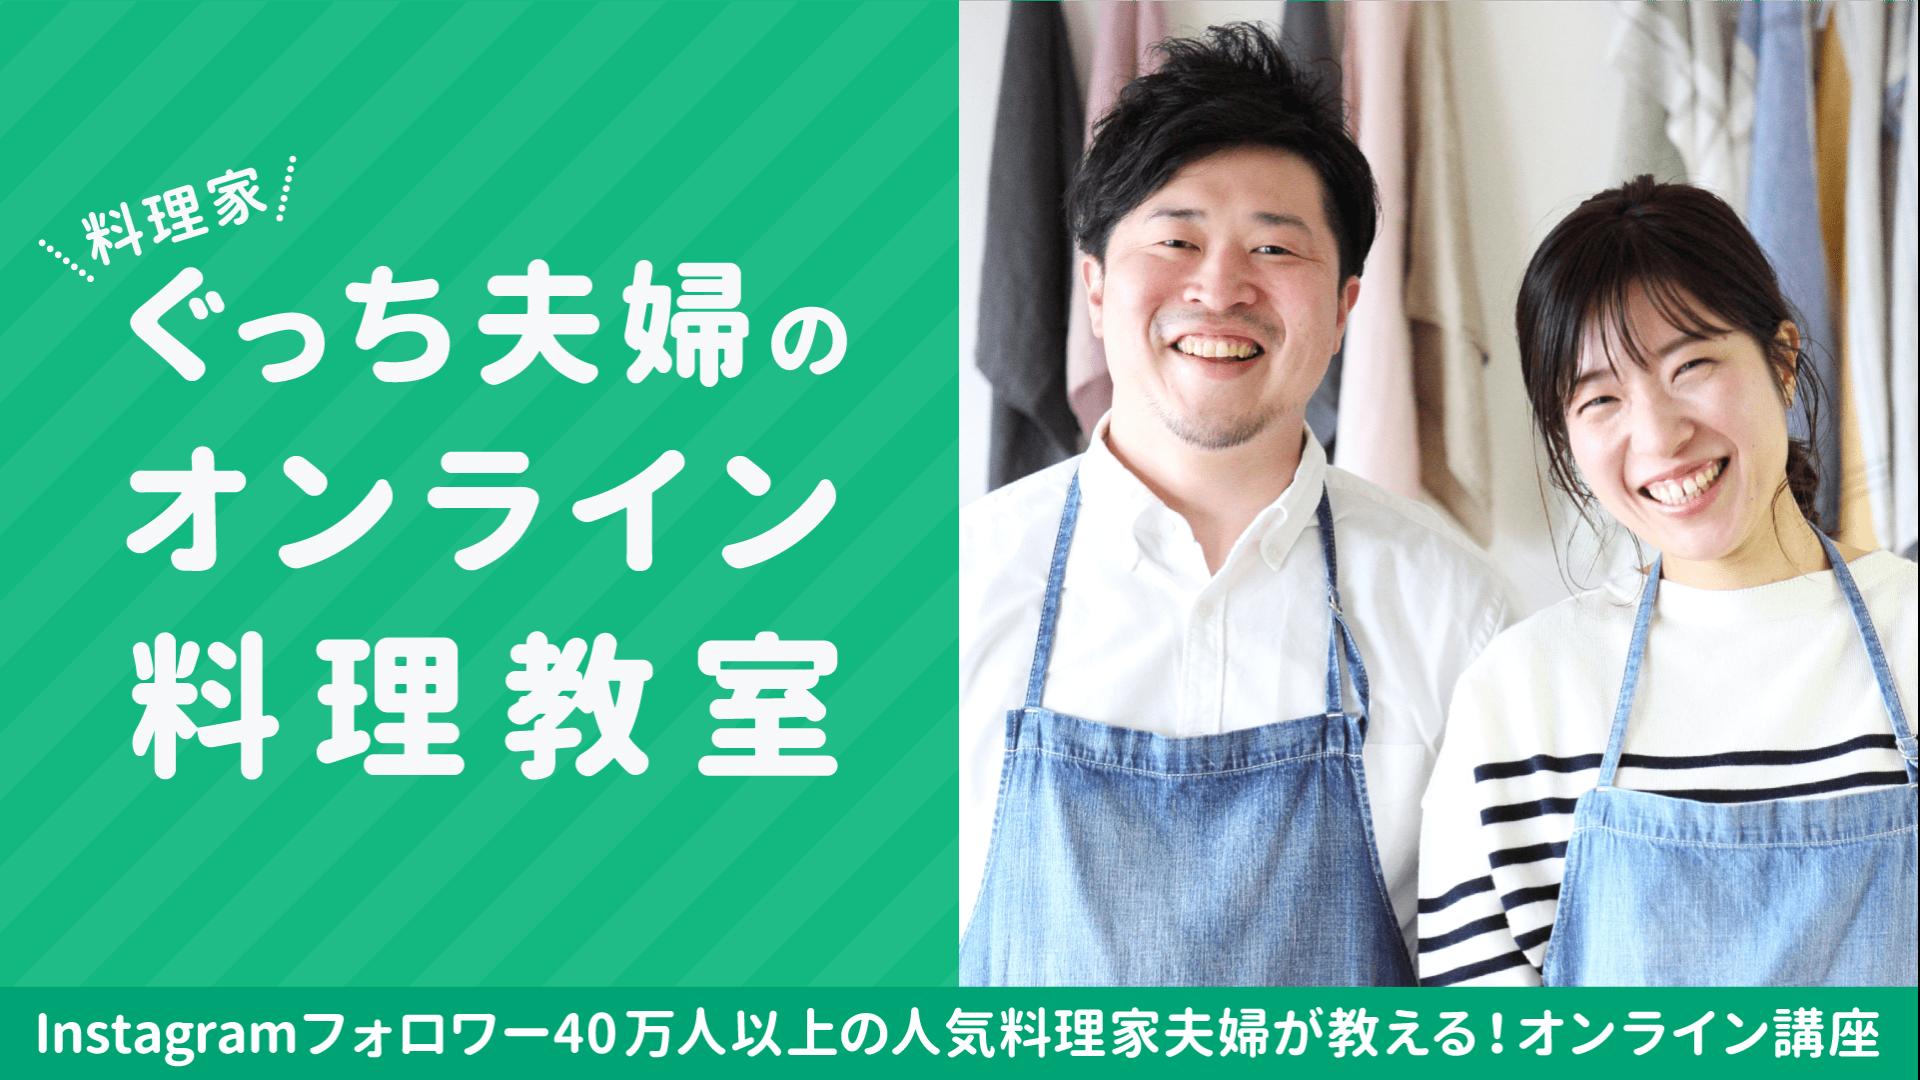 ぐっち夫婦 - ぐっち夫婦のオンライン料理教室 - DMM オンラインサロン